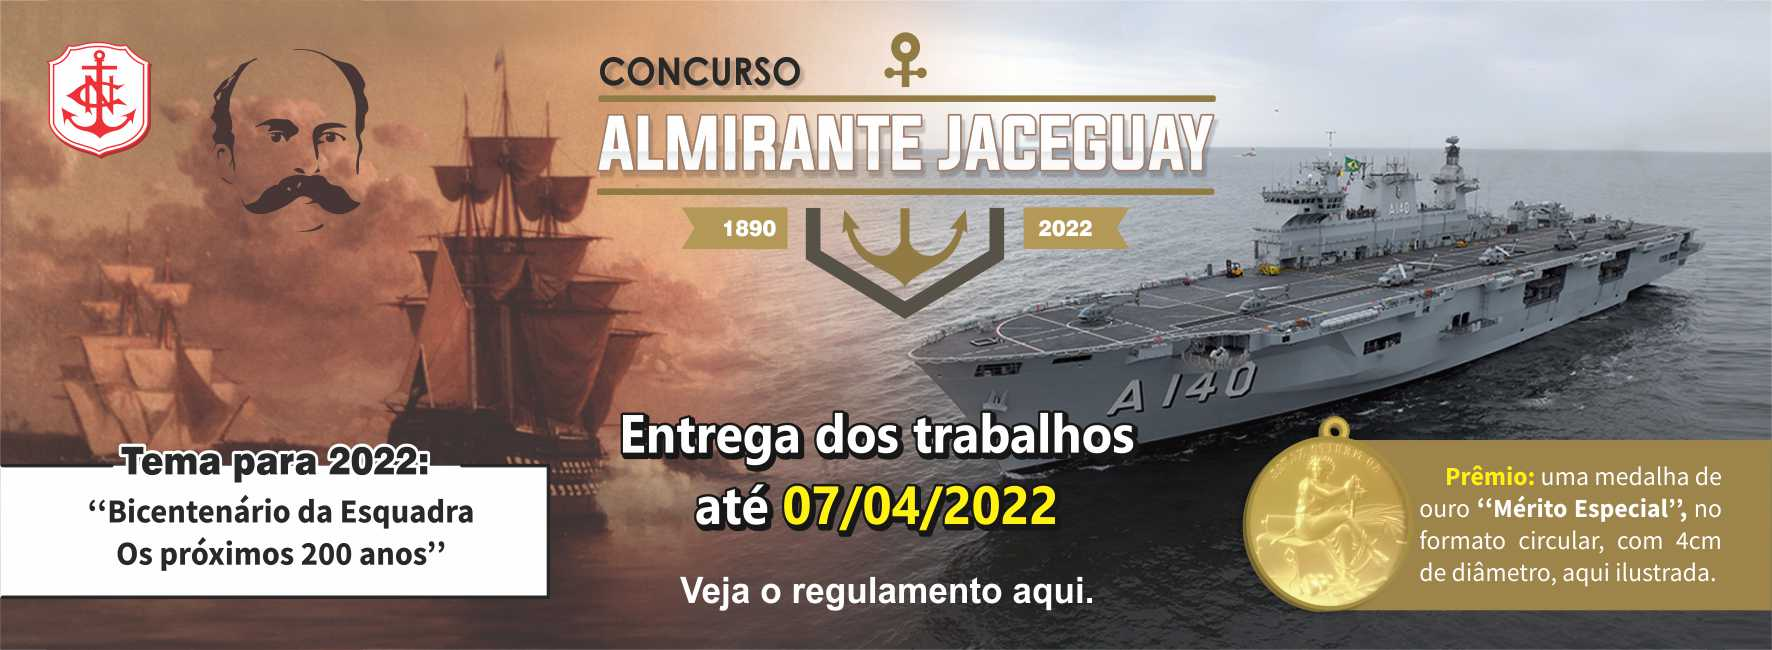 https://www.clubenaval.org.br/novo/?q=concurso-almirante-jaceguay-2022